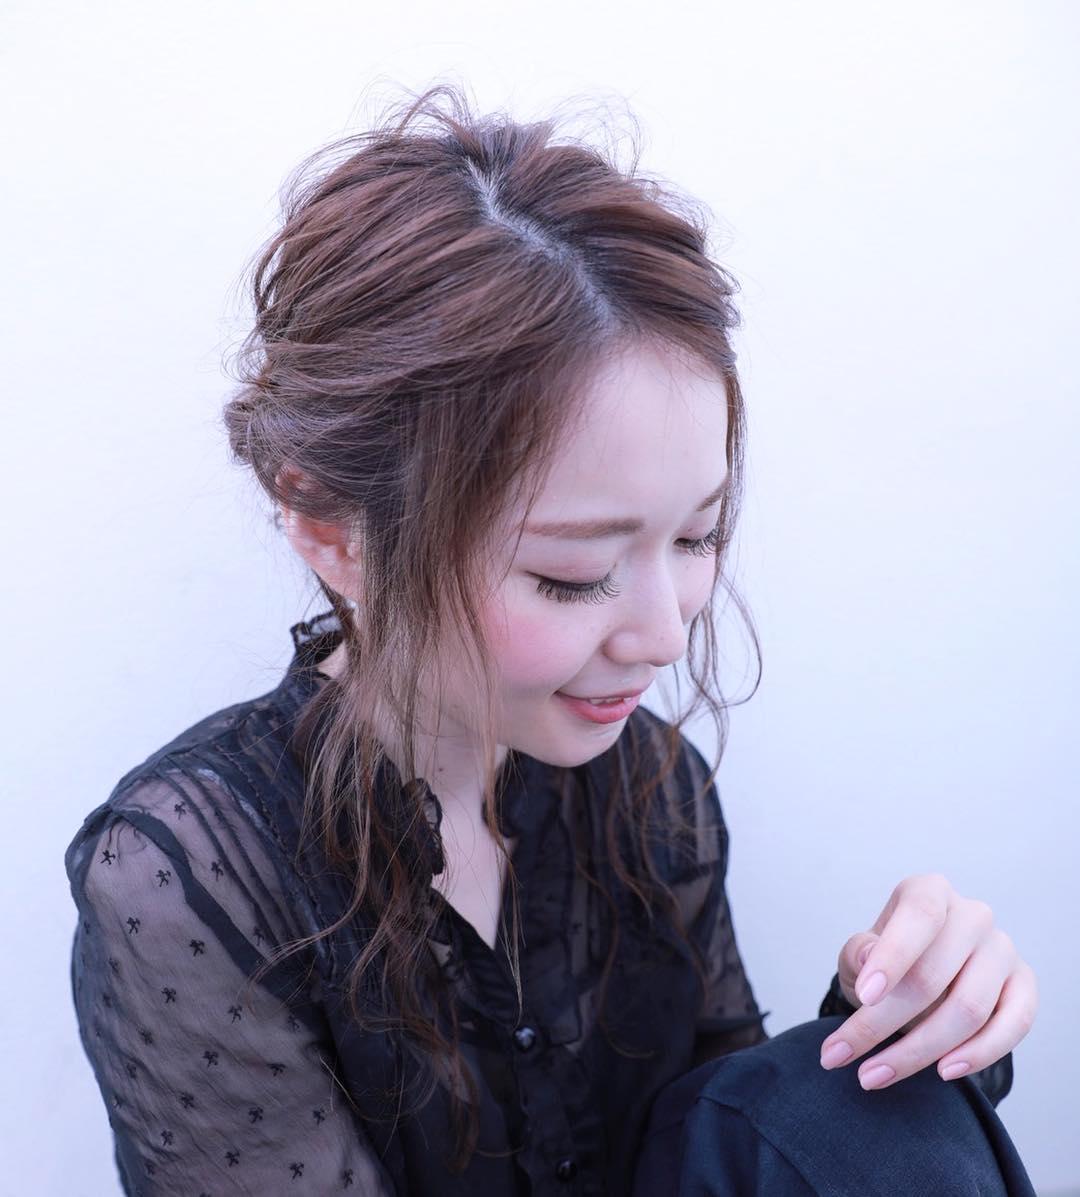 【保存版】2018年トレンドの可愛いヘアスタイル・髪型77選大発表!8